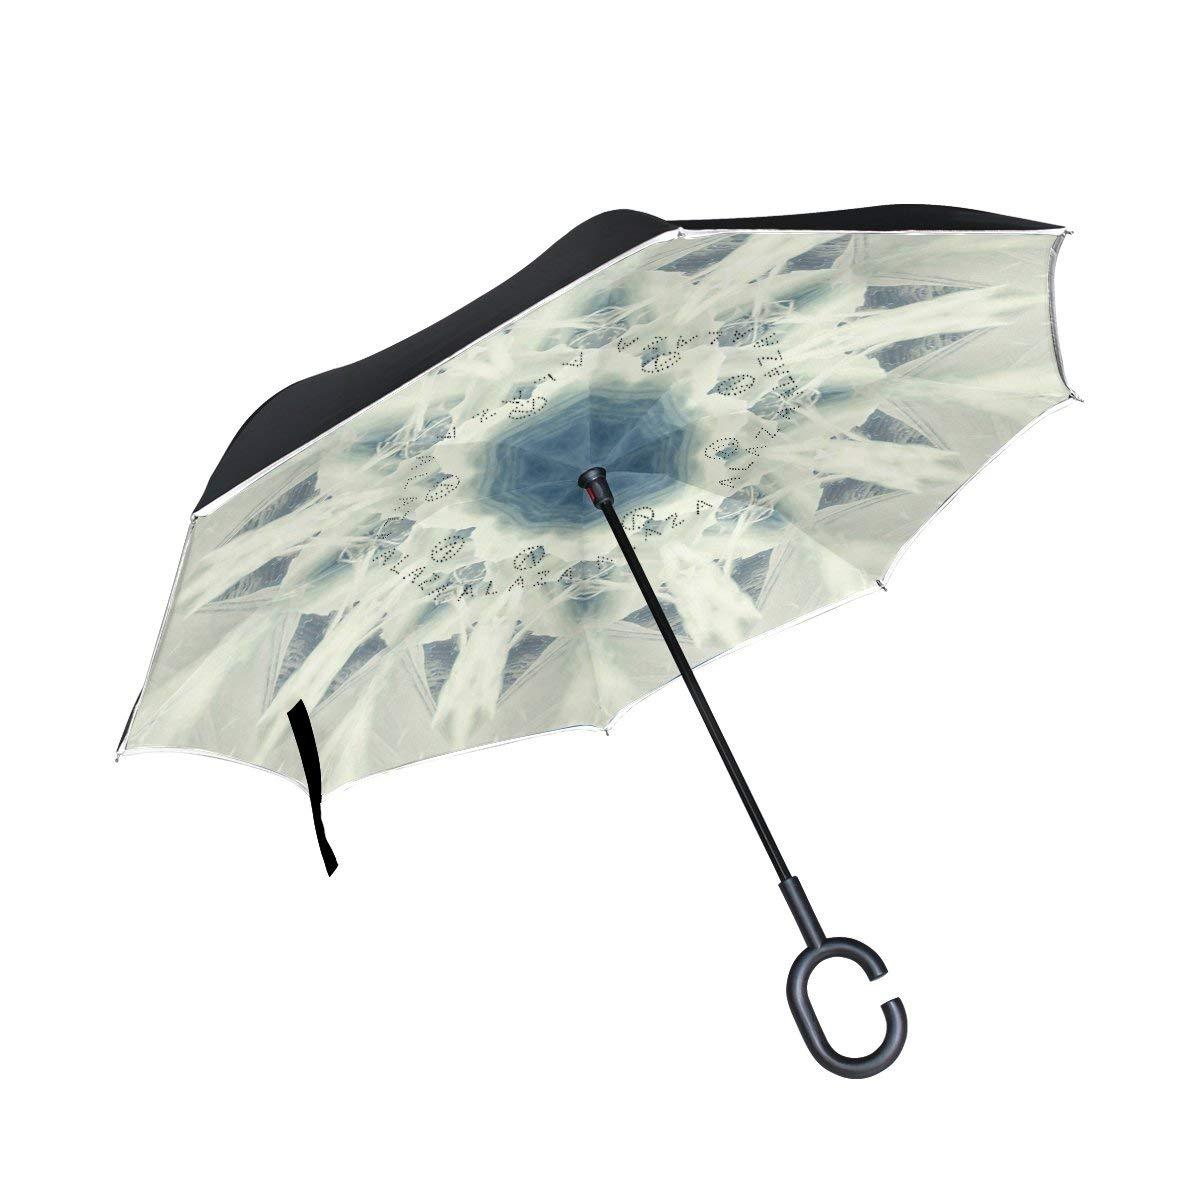 3335b8e3667b Cheap Flower Shape Umbrella, find Flower Shape Umbrella deals on ...